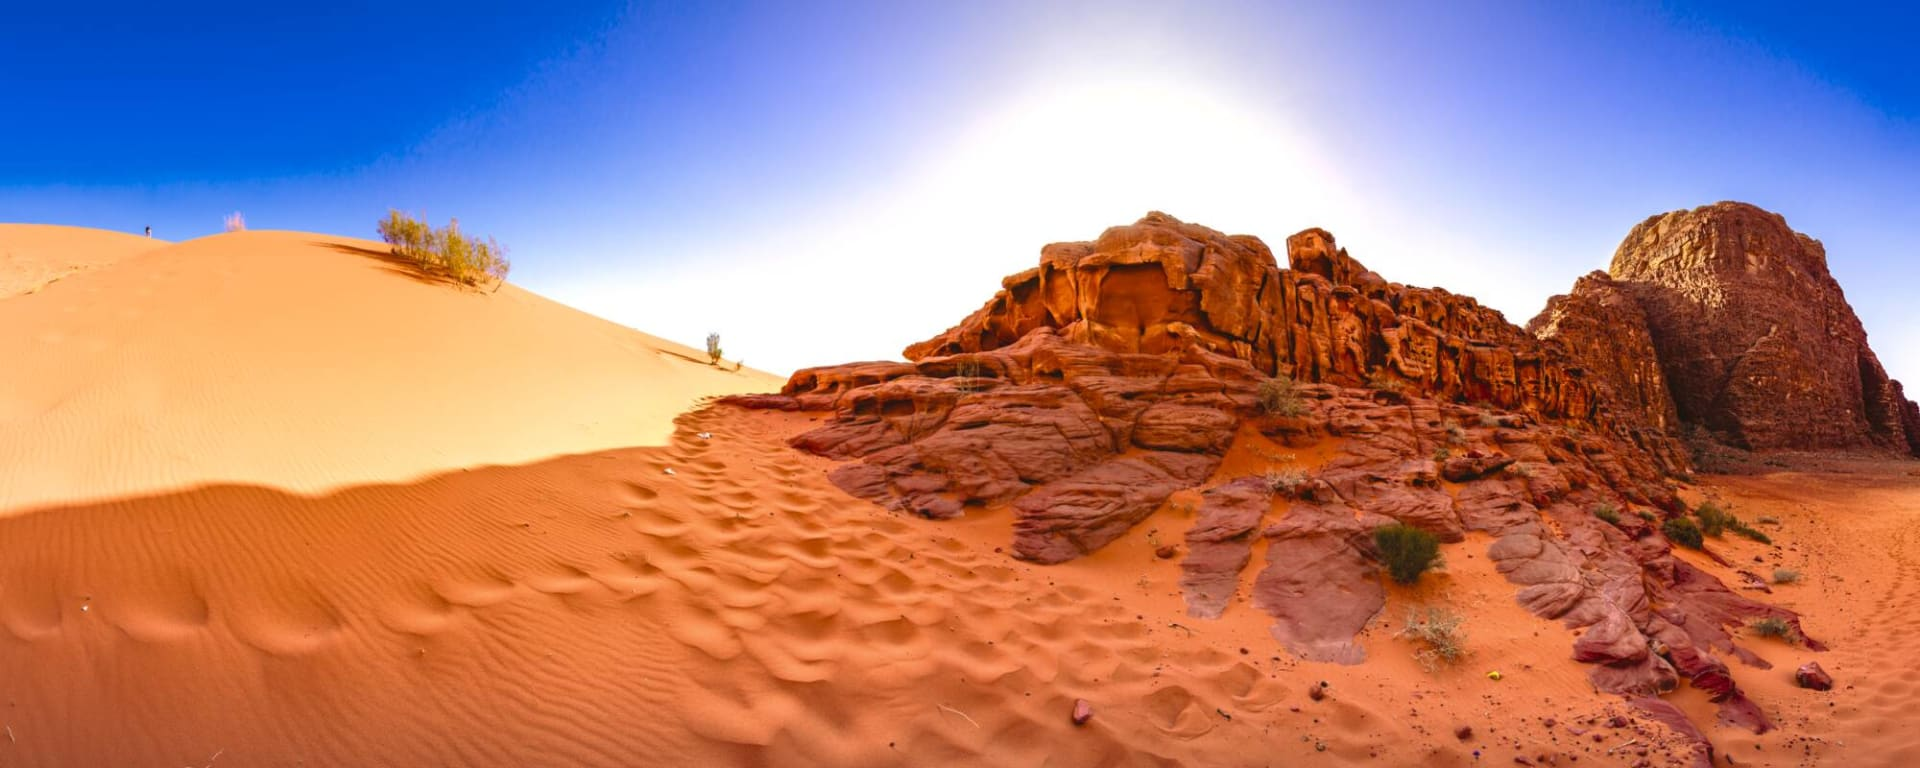 Jordanien entdecken mit Tischler Reisen: Jordanien Wadi Rum Wueste